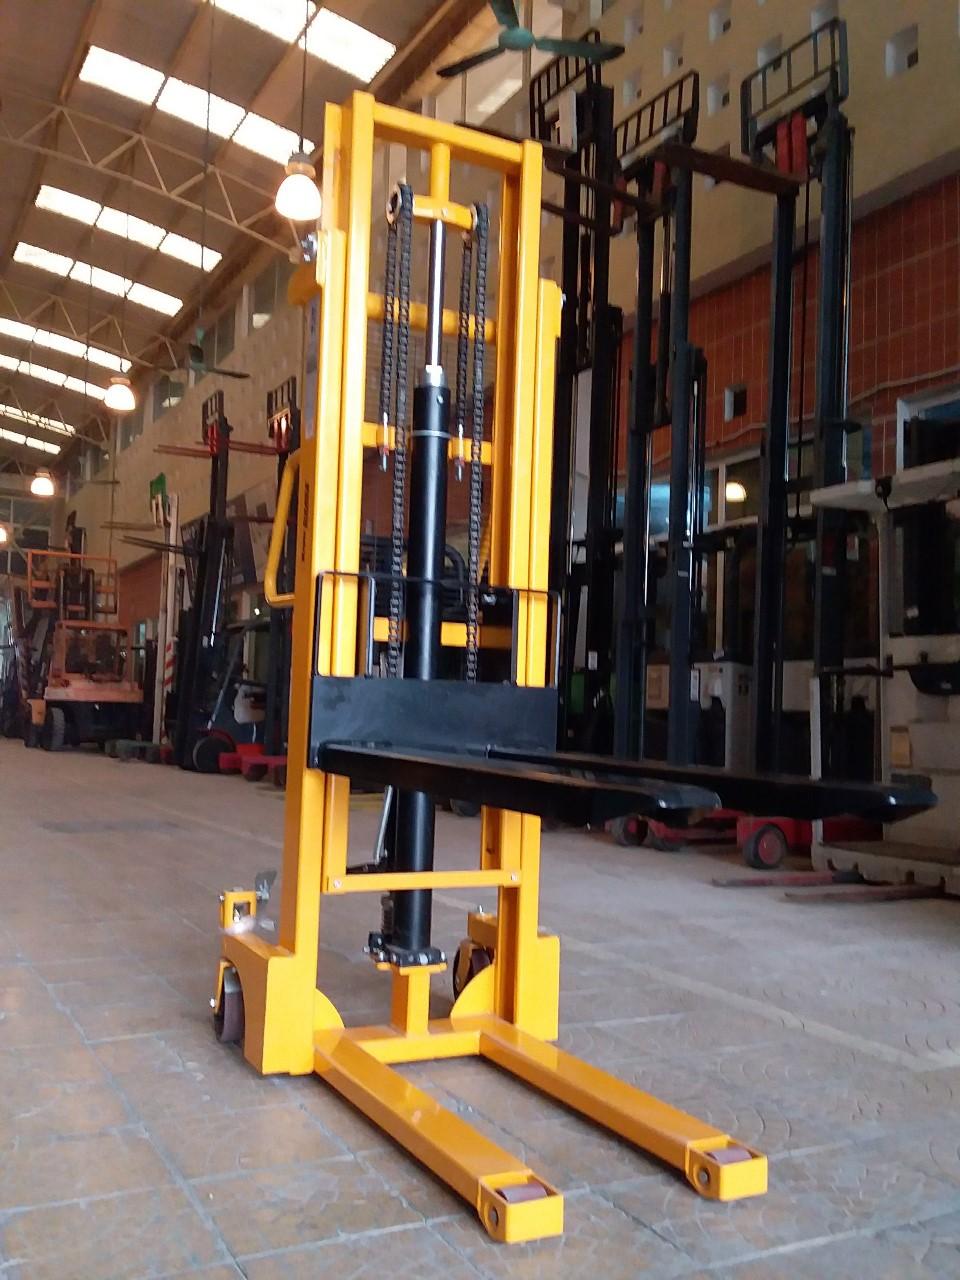 Xe nâng tay cao, dùng cơ, hiệu totallifter, tải trọng nâng 1500kg, hàng mới 100% ( mã 41294470) 1000kg, 3m